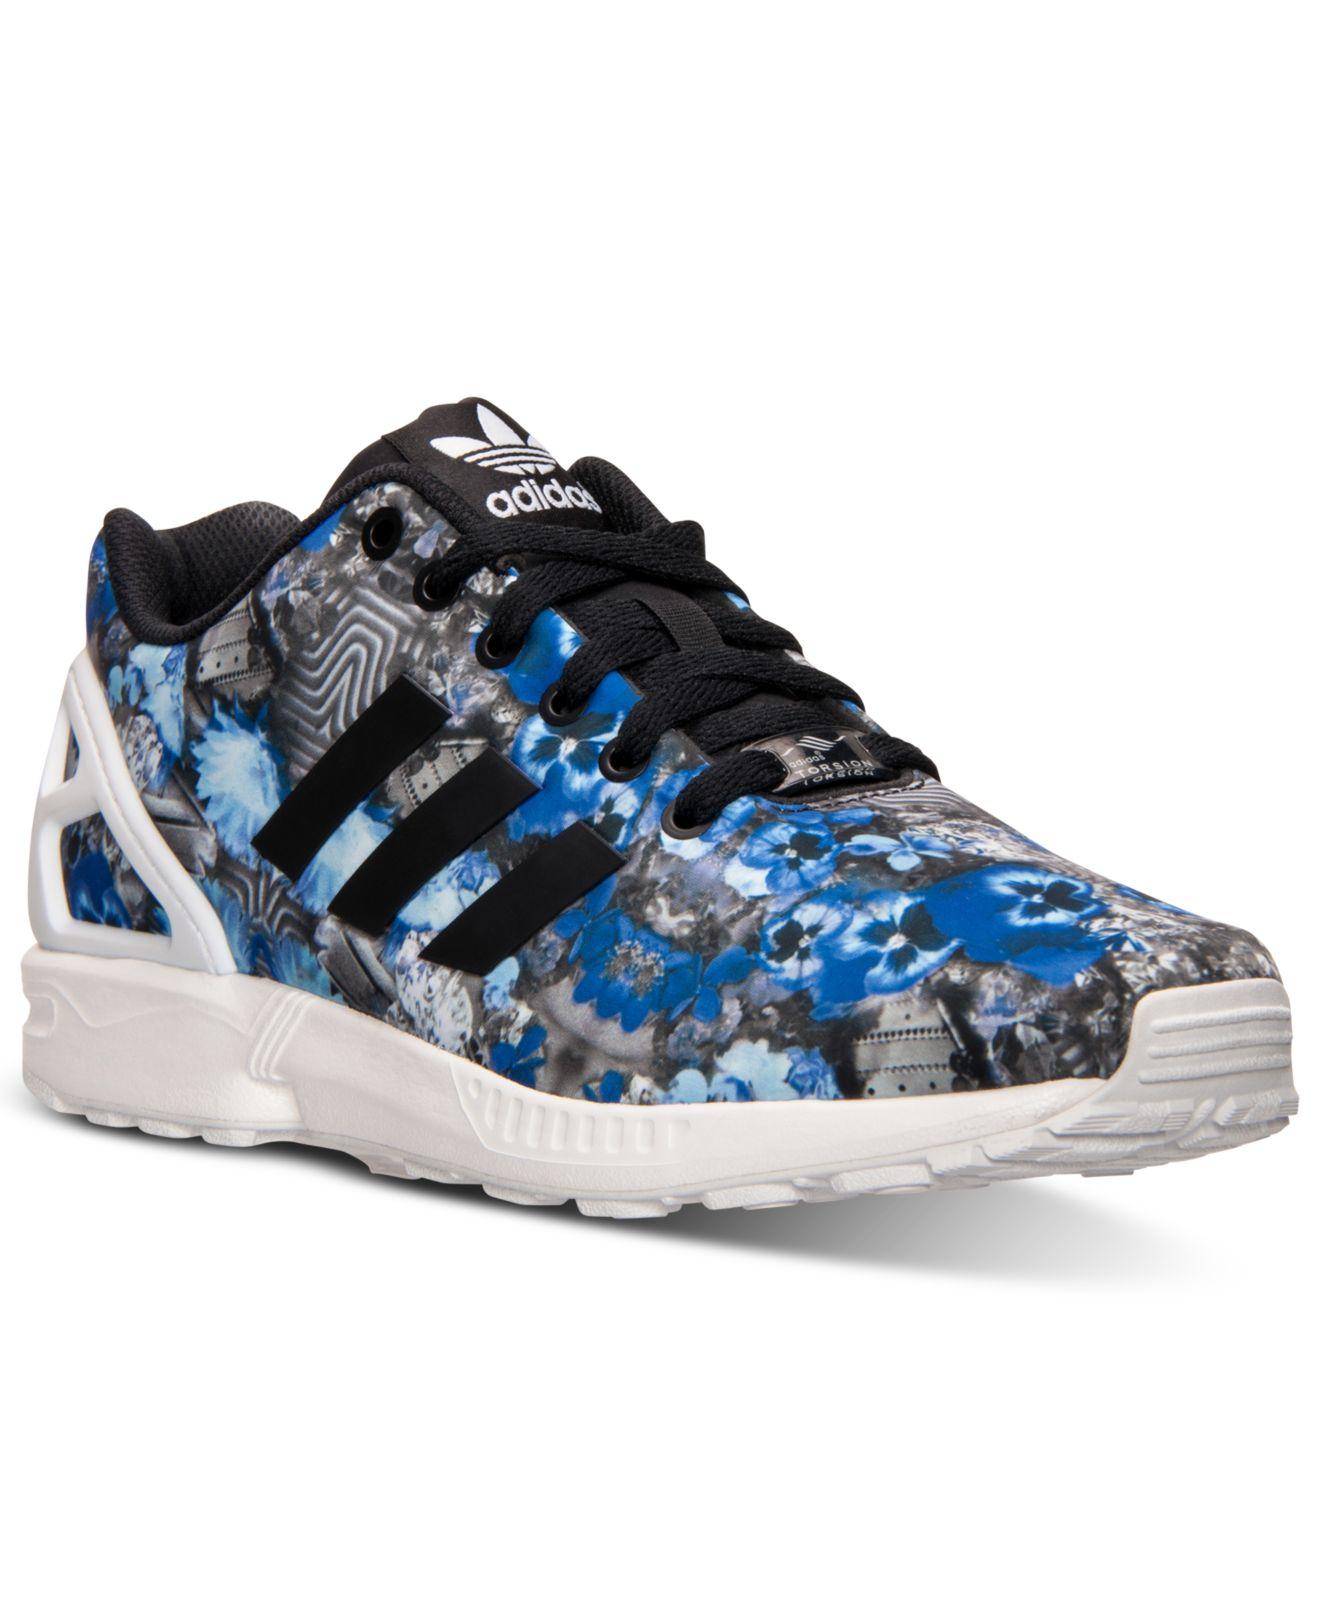 e473b79c0a41 ... discount lyst adidas originals mens zx flux floral print running  sneakers ed430 c79f8 ...